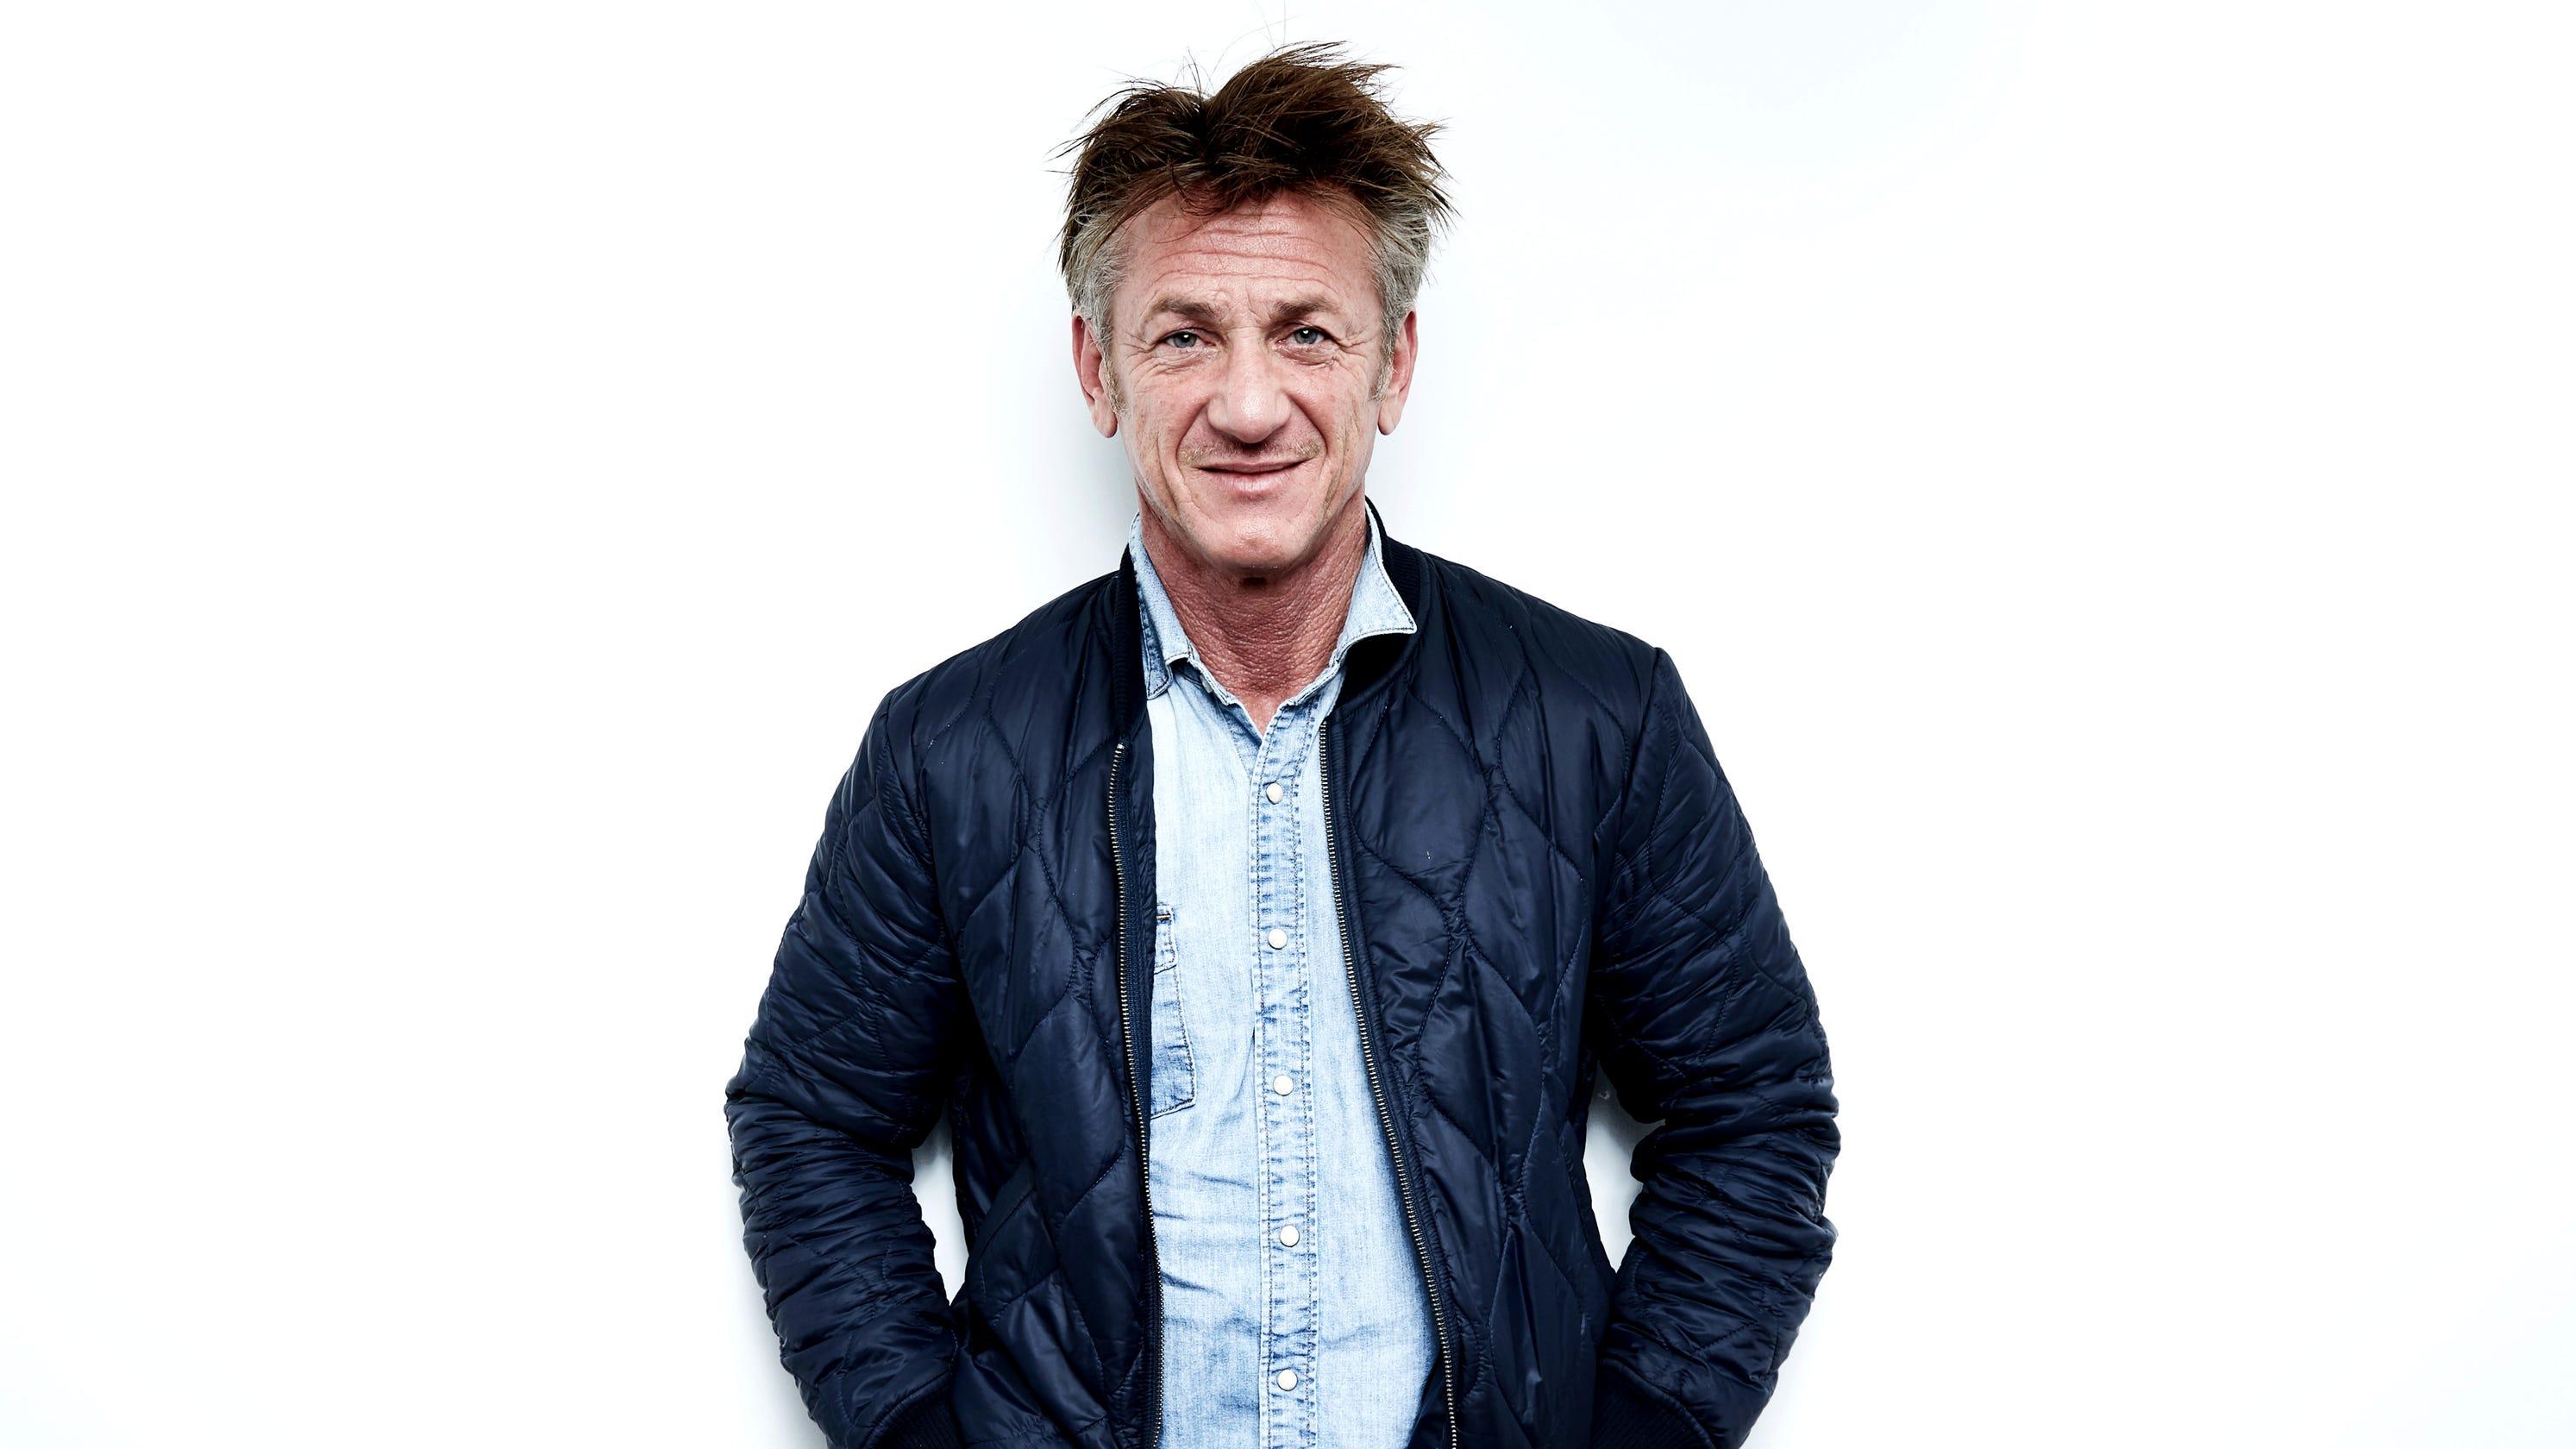 Sean Penn talks Oscars, Haiti and Bruce Jenner  |Sean Penn